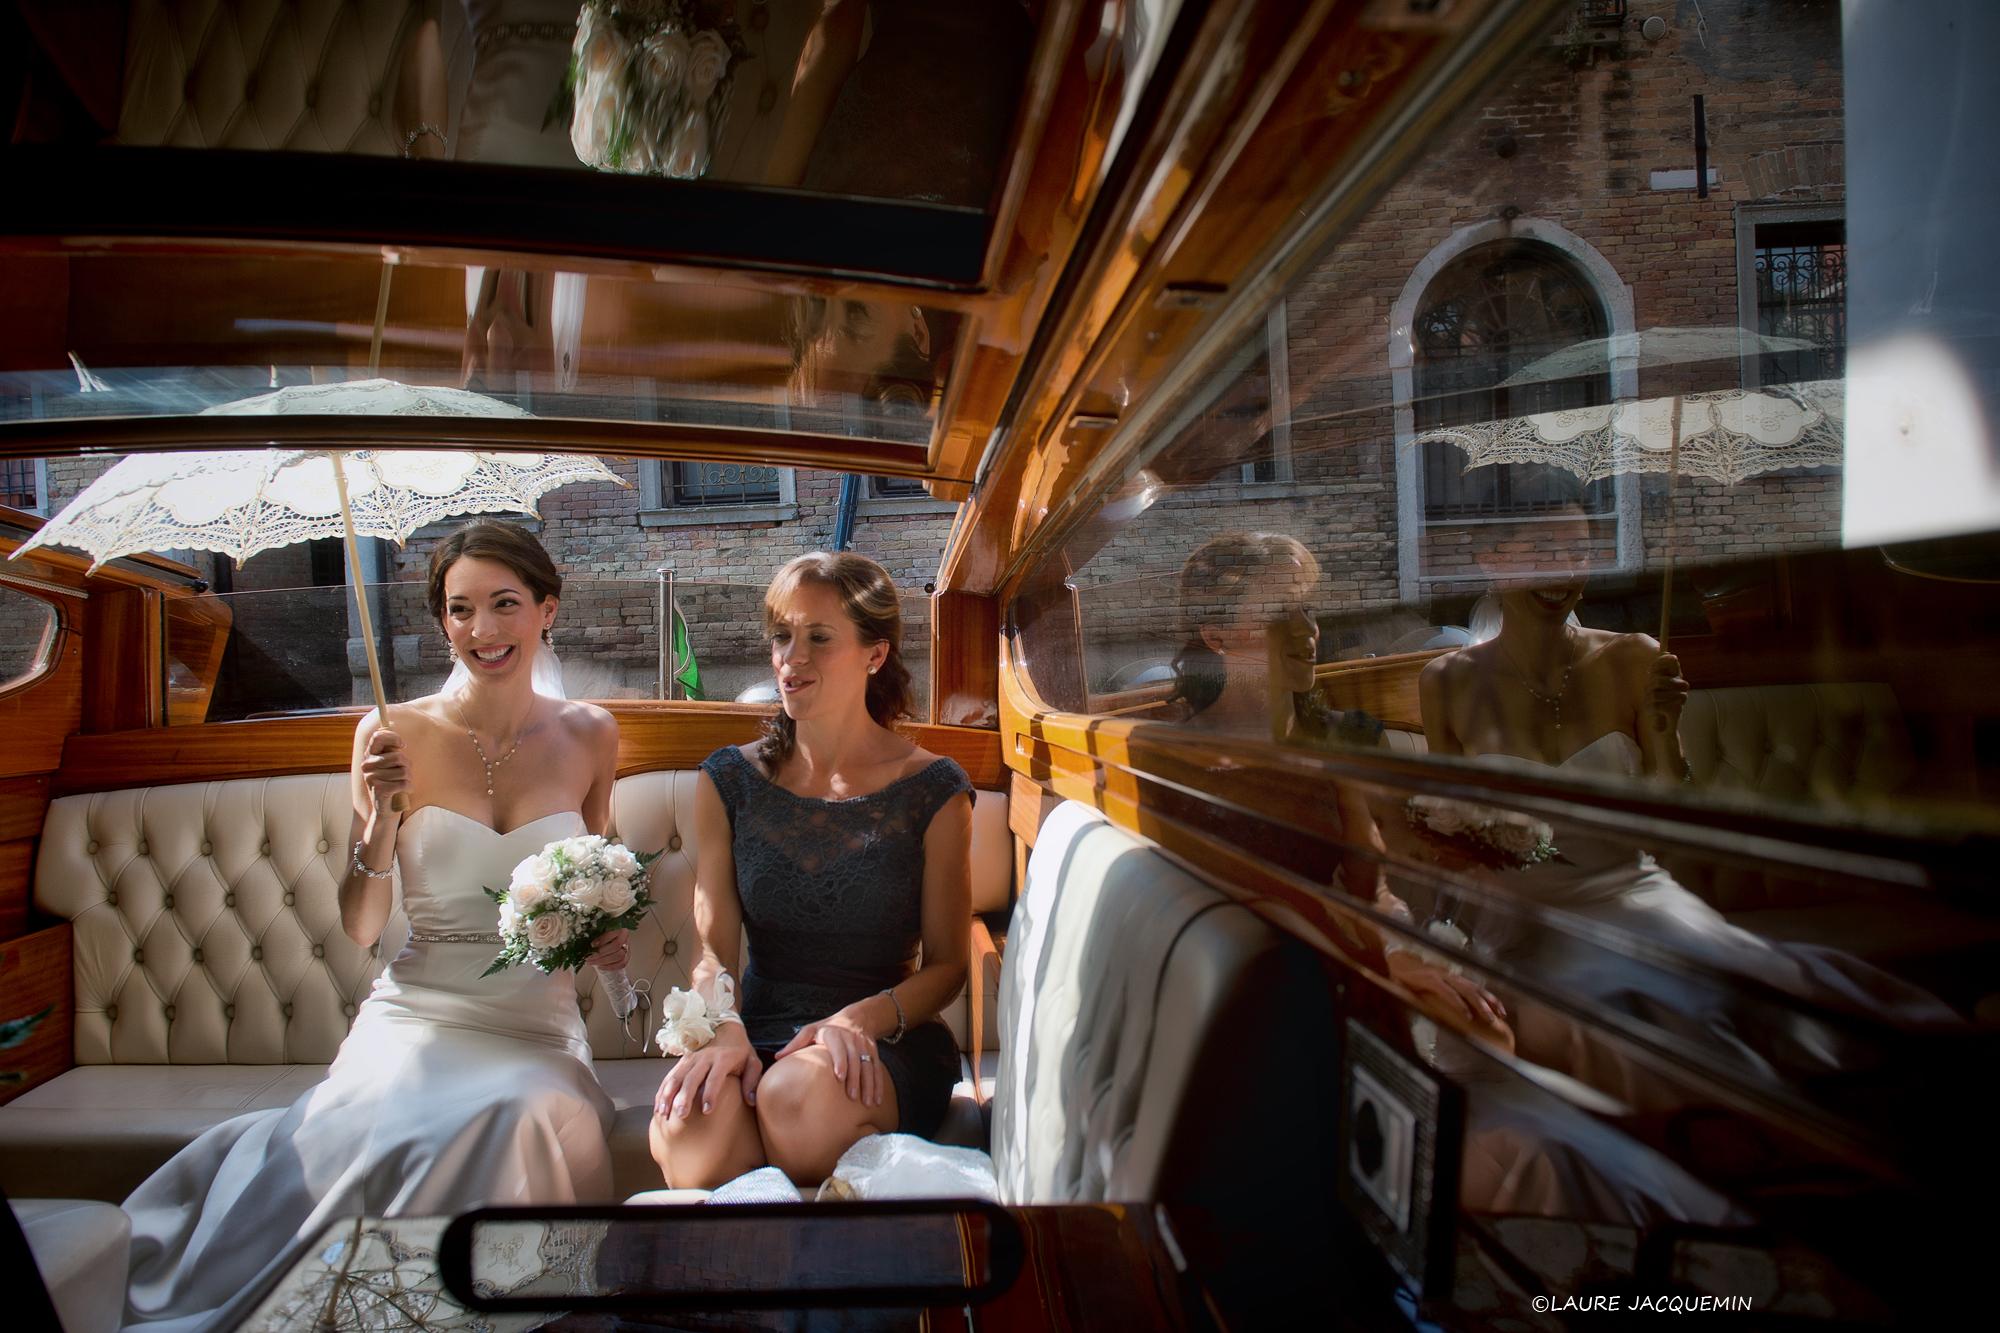 venise mariage photographe laure Jacquemin simbolique jardin venitien gondole (52)